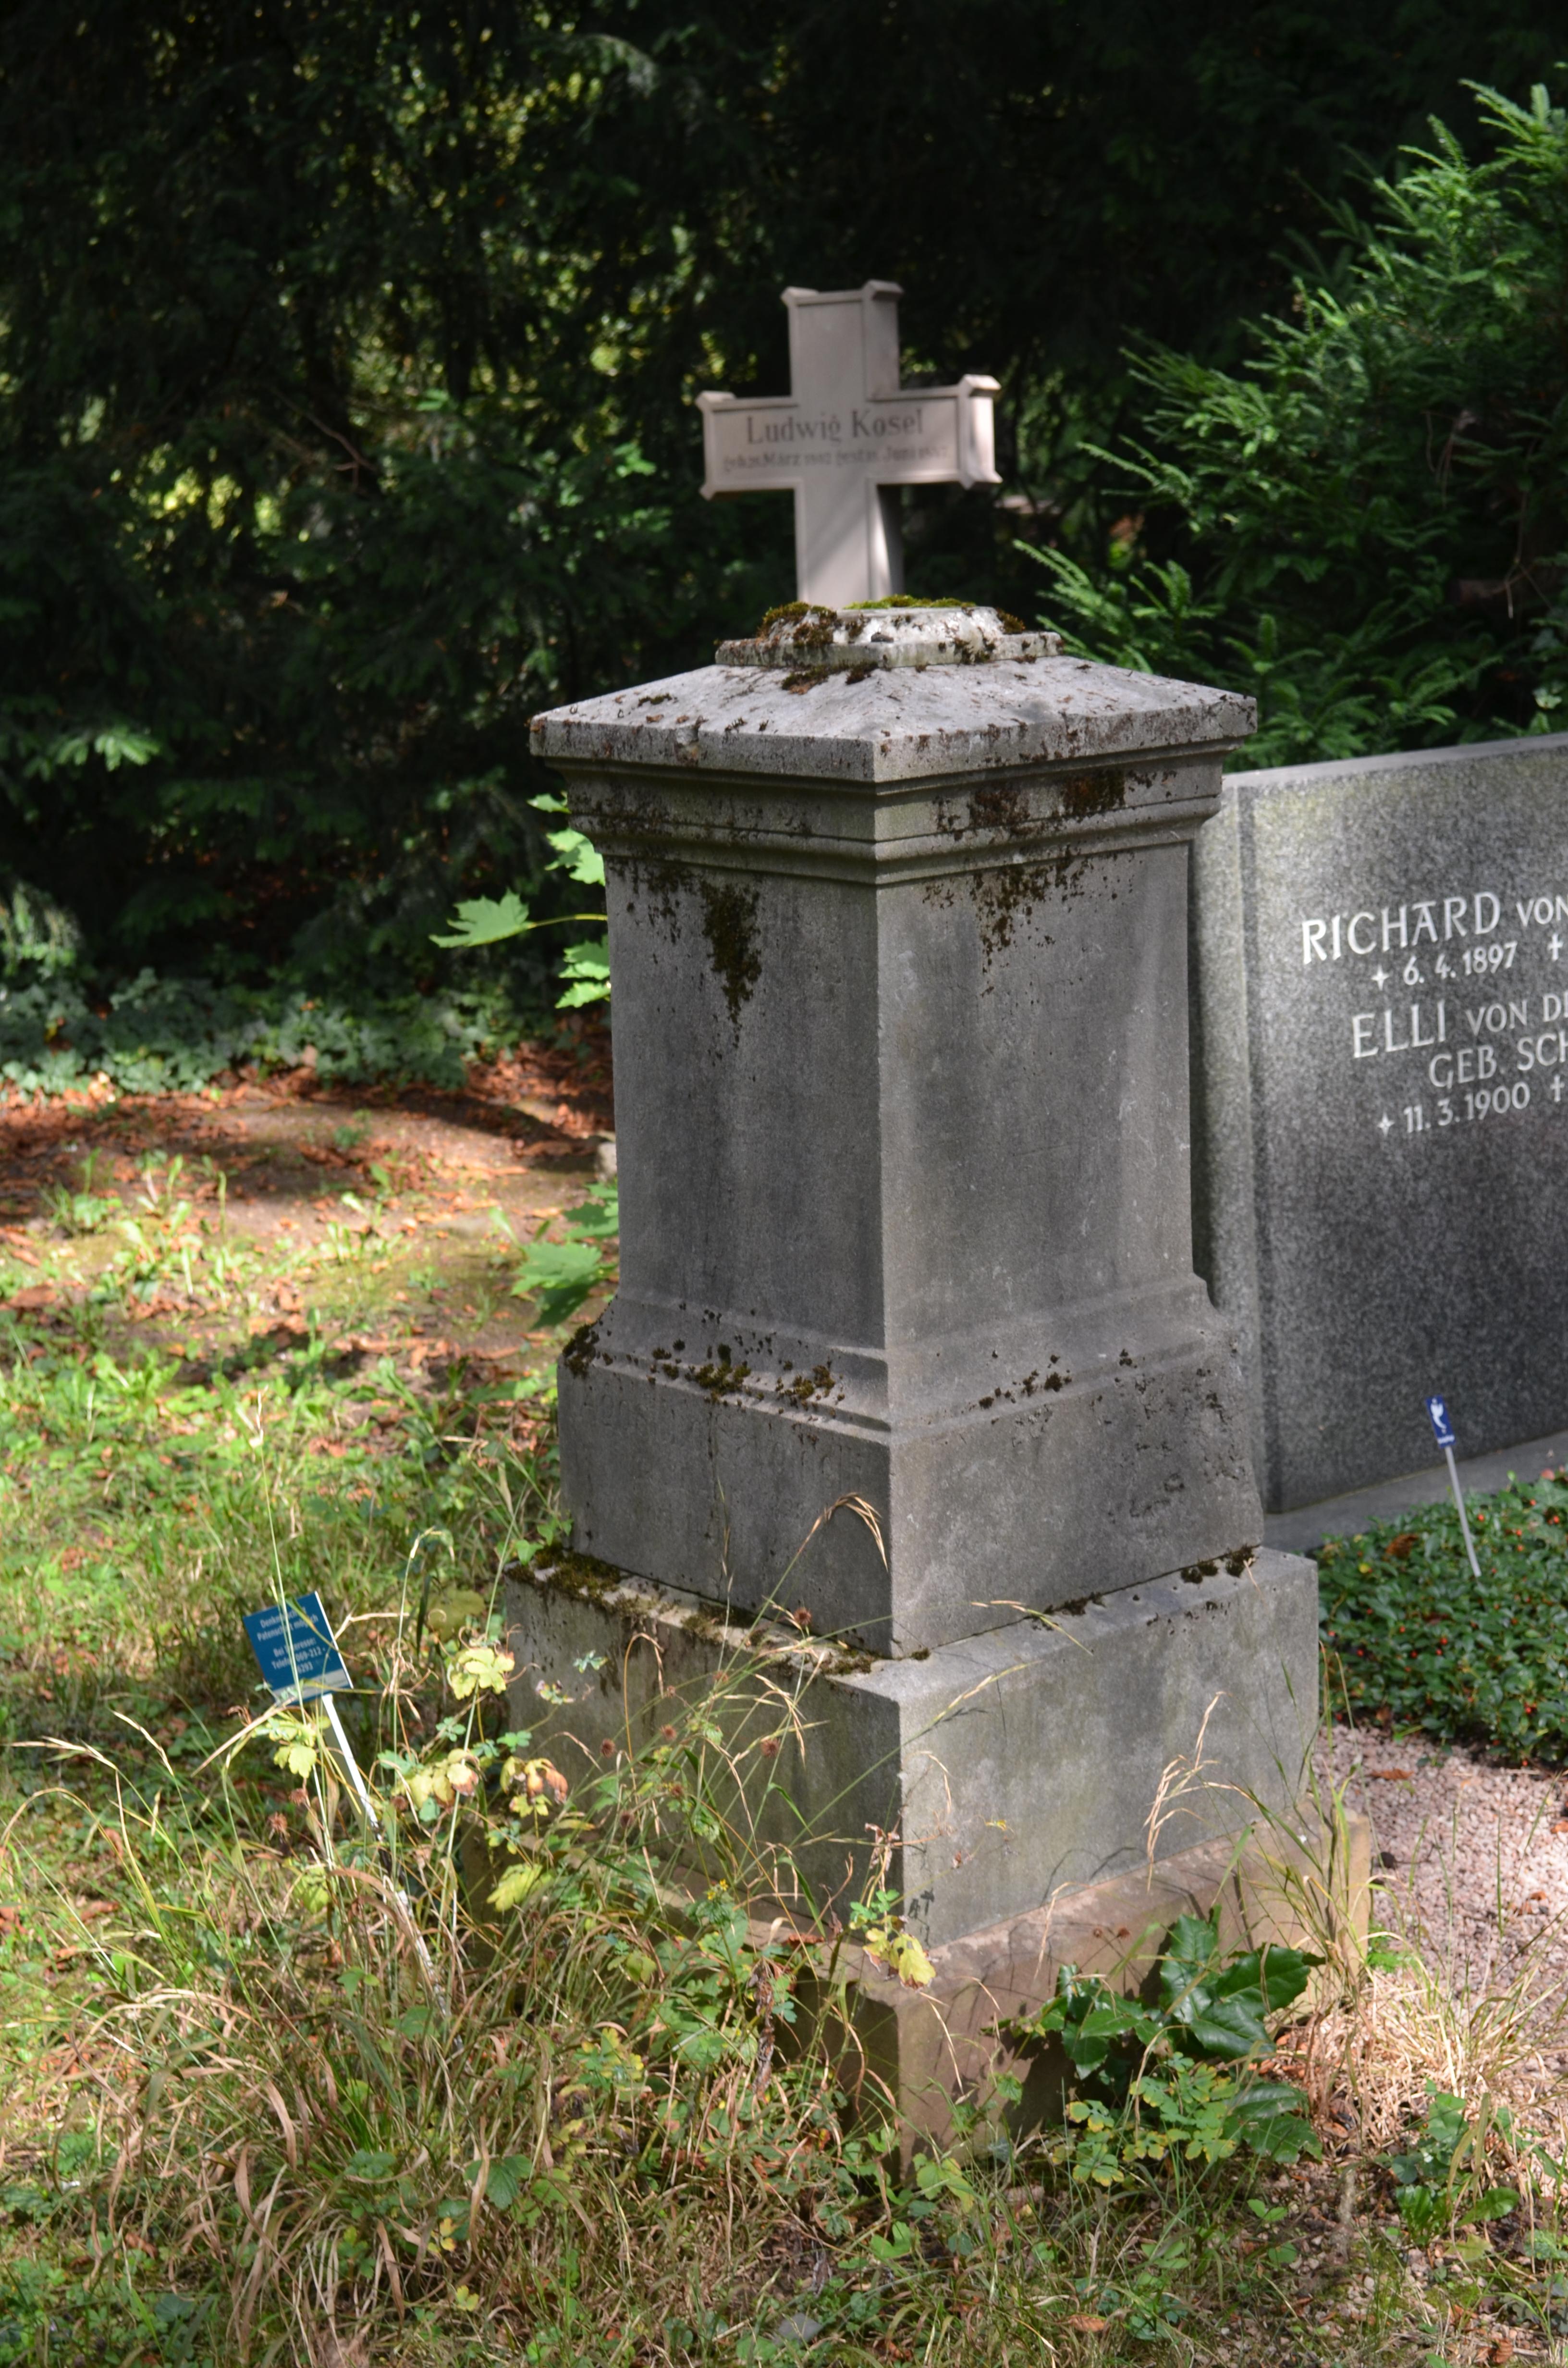 Dateifrankfurt Hauptfriedhof Grab D 147 Savoldellijpg Wikipedia